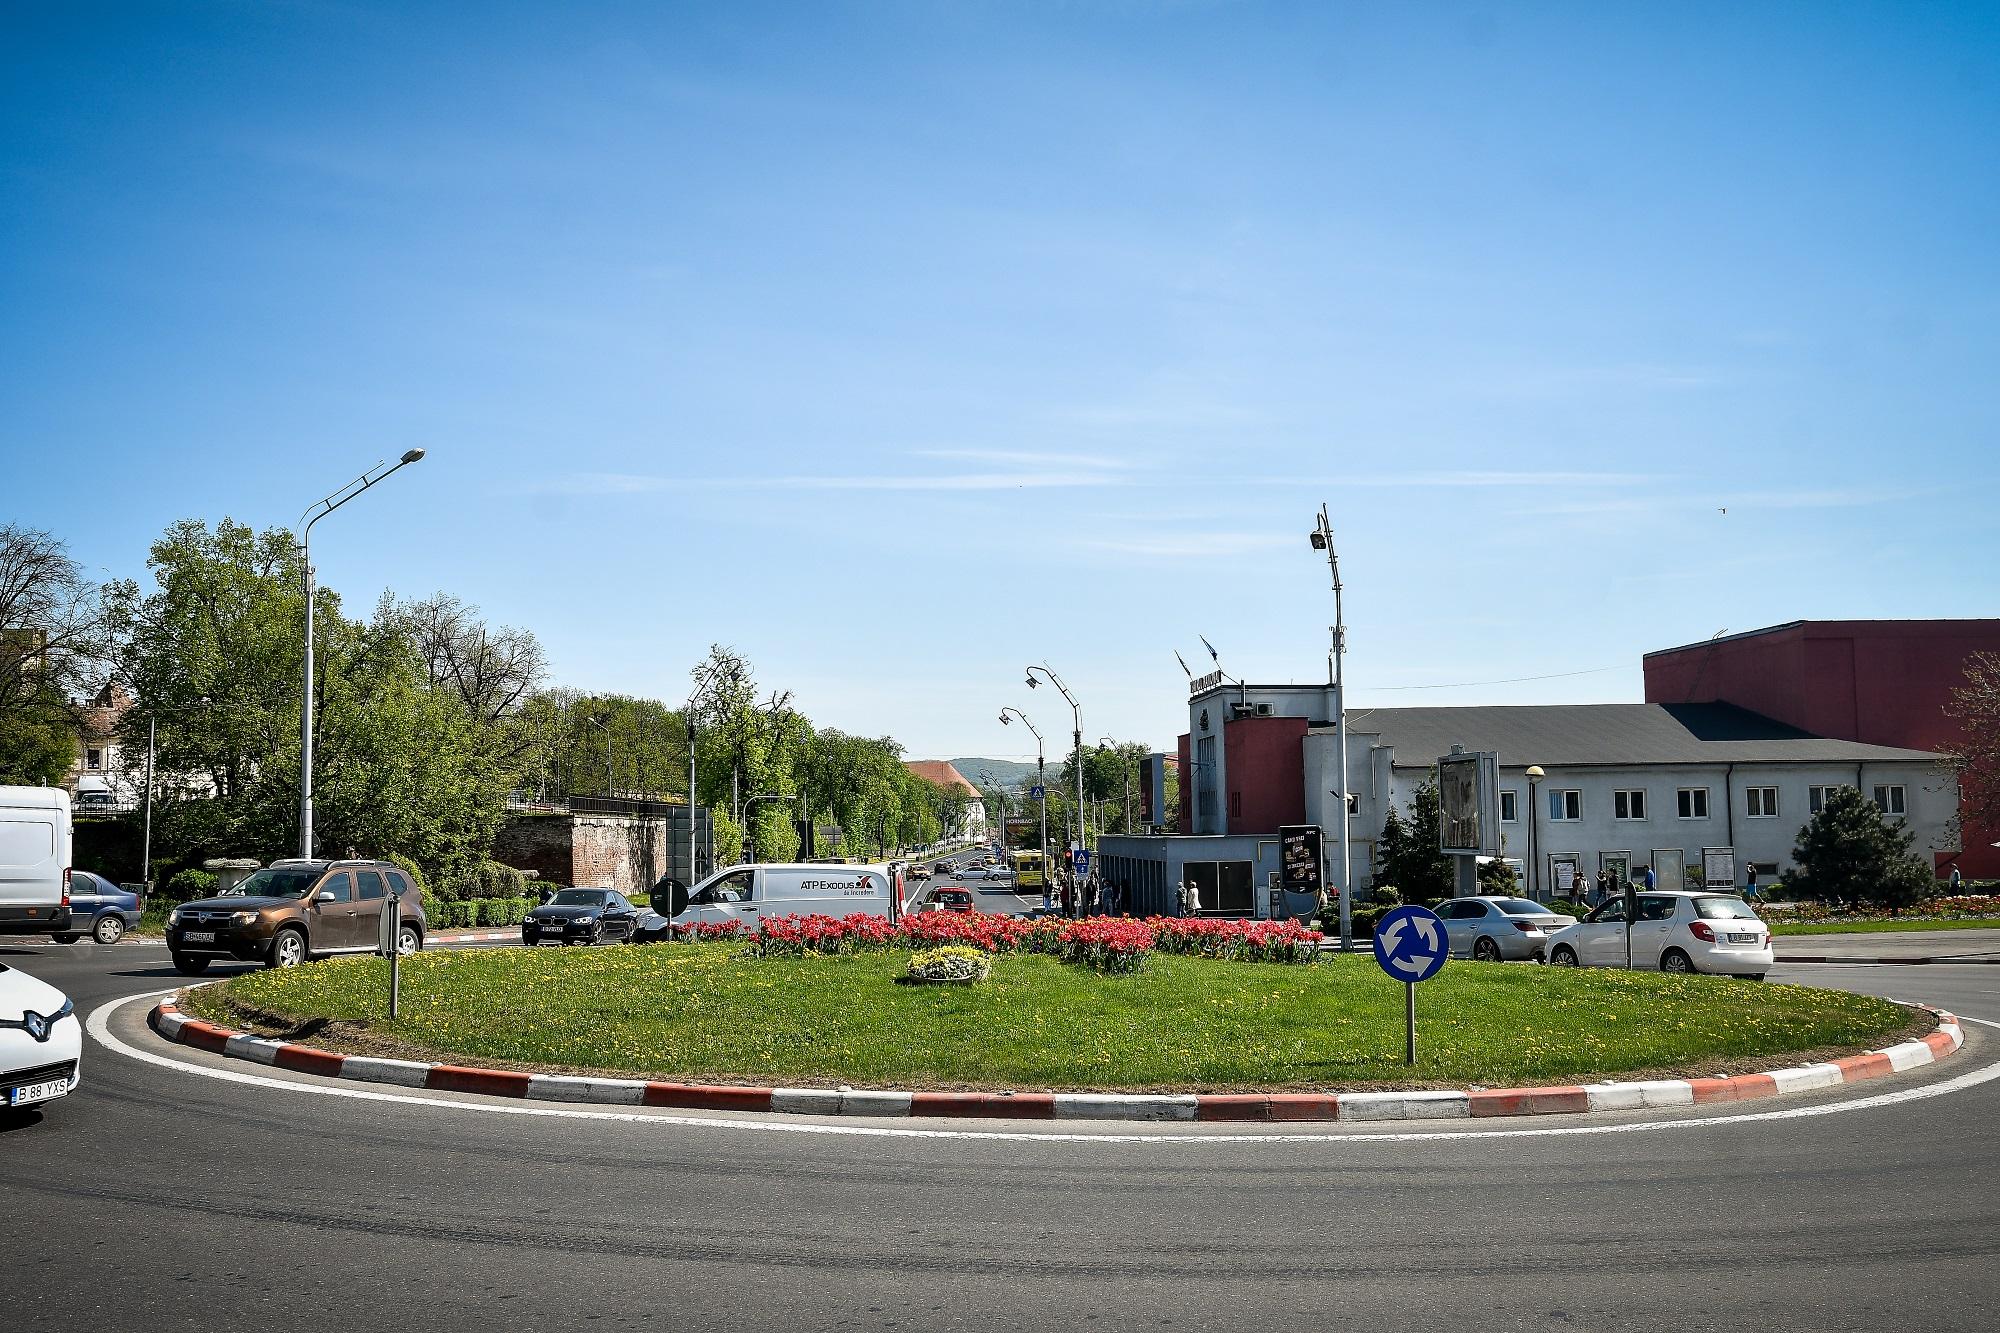 Va fi modernizat iluminatul public pe Șoseaua Alba Iulia, bulevardul General Vasile Milea, bulevardul Corneliu Coposu și pe Calea Dumbrăvii